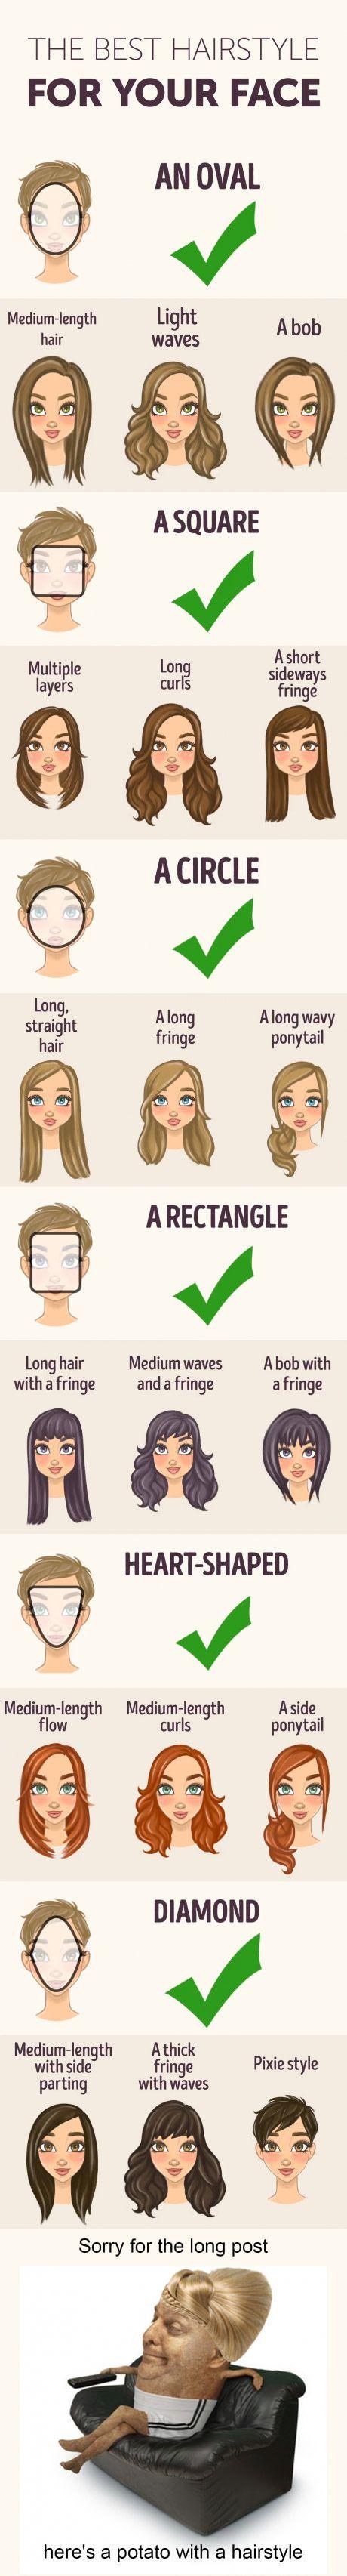 Il taglio di capelli giusto per la tua forma del viso: